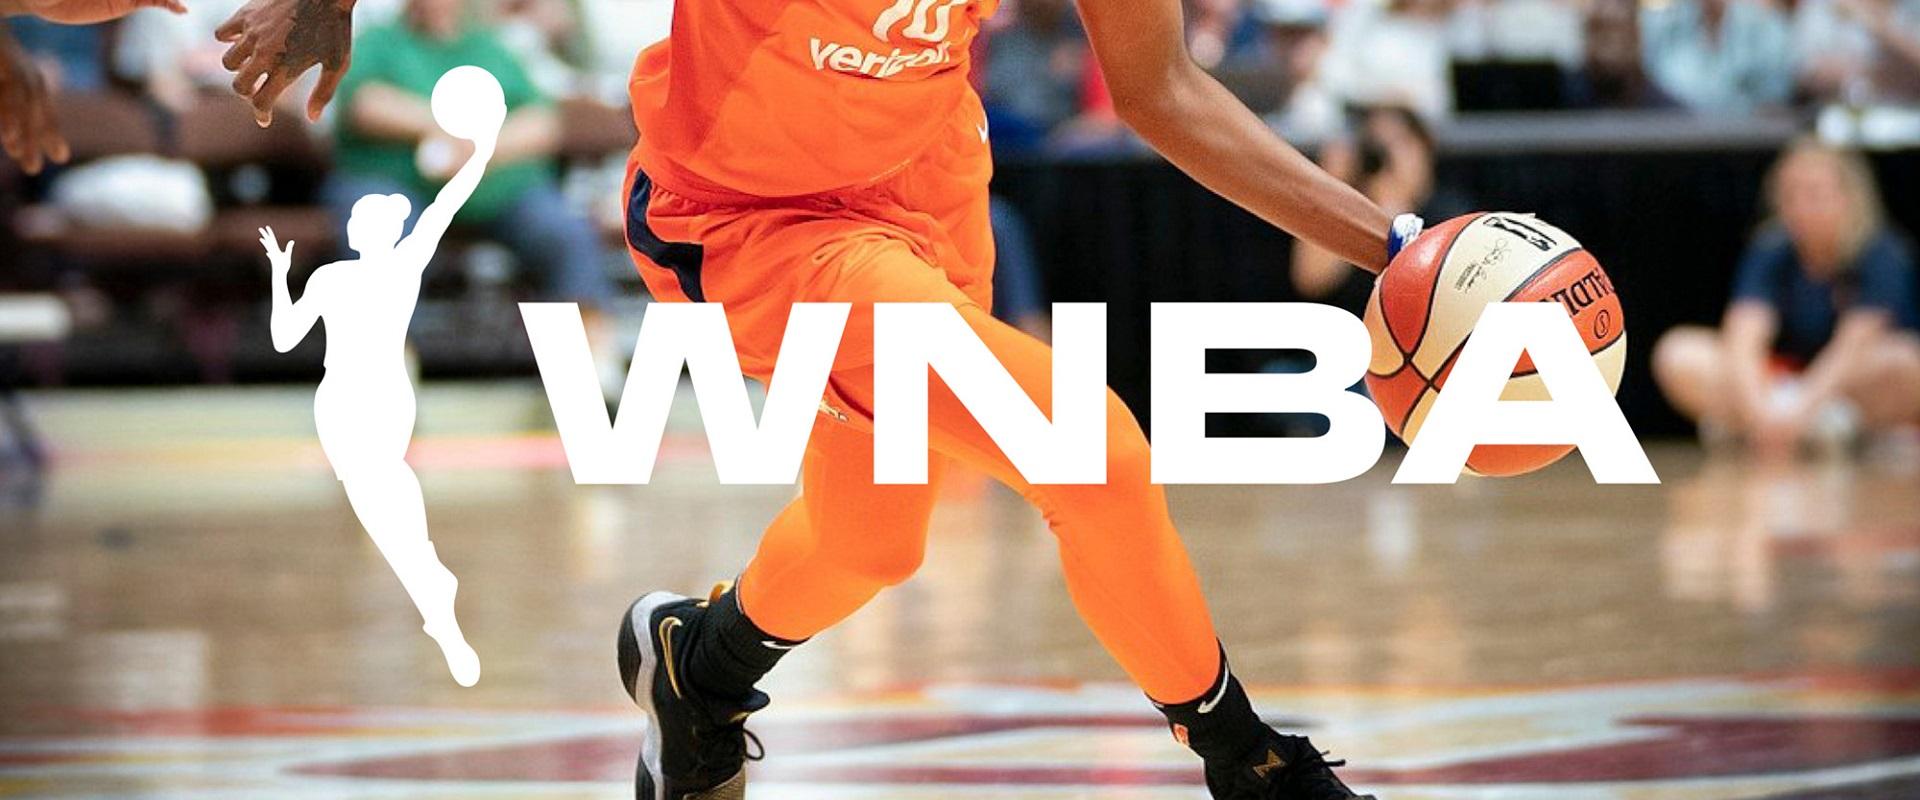 O 'REBRANDING' DA WNBA